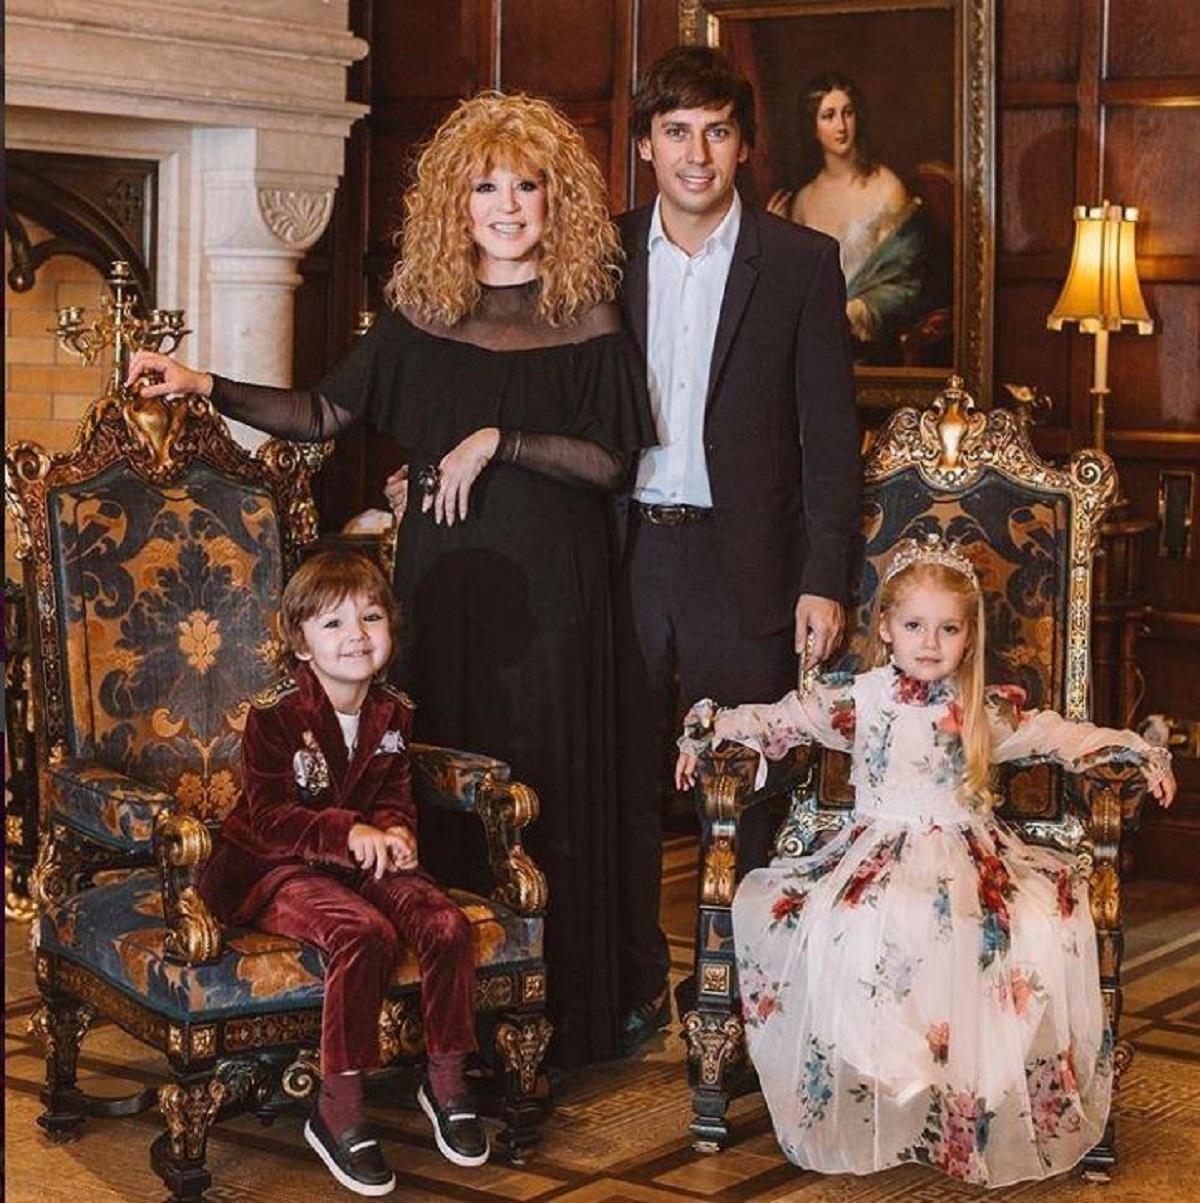 сейчас алла пугачева со своими детьми фото охладелый